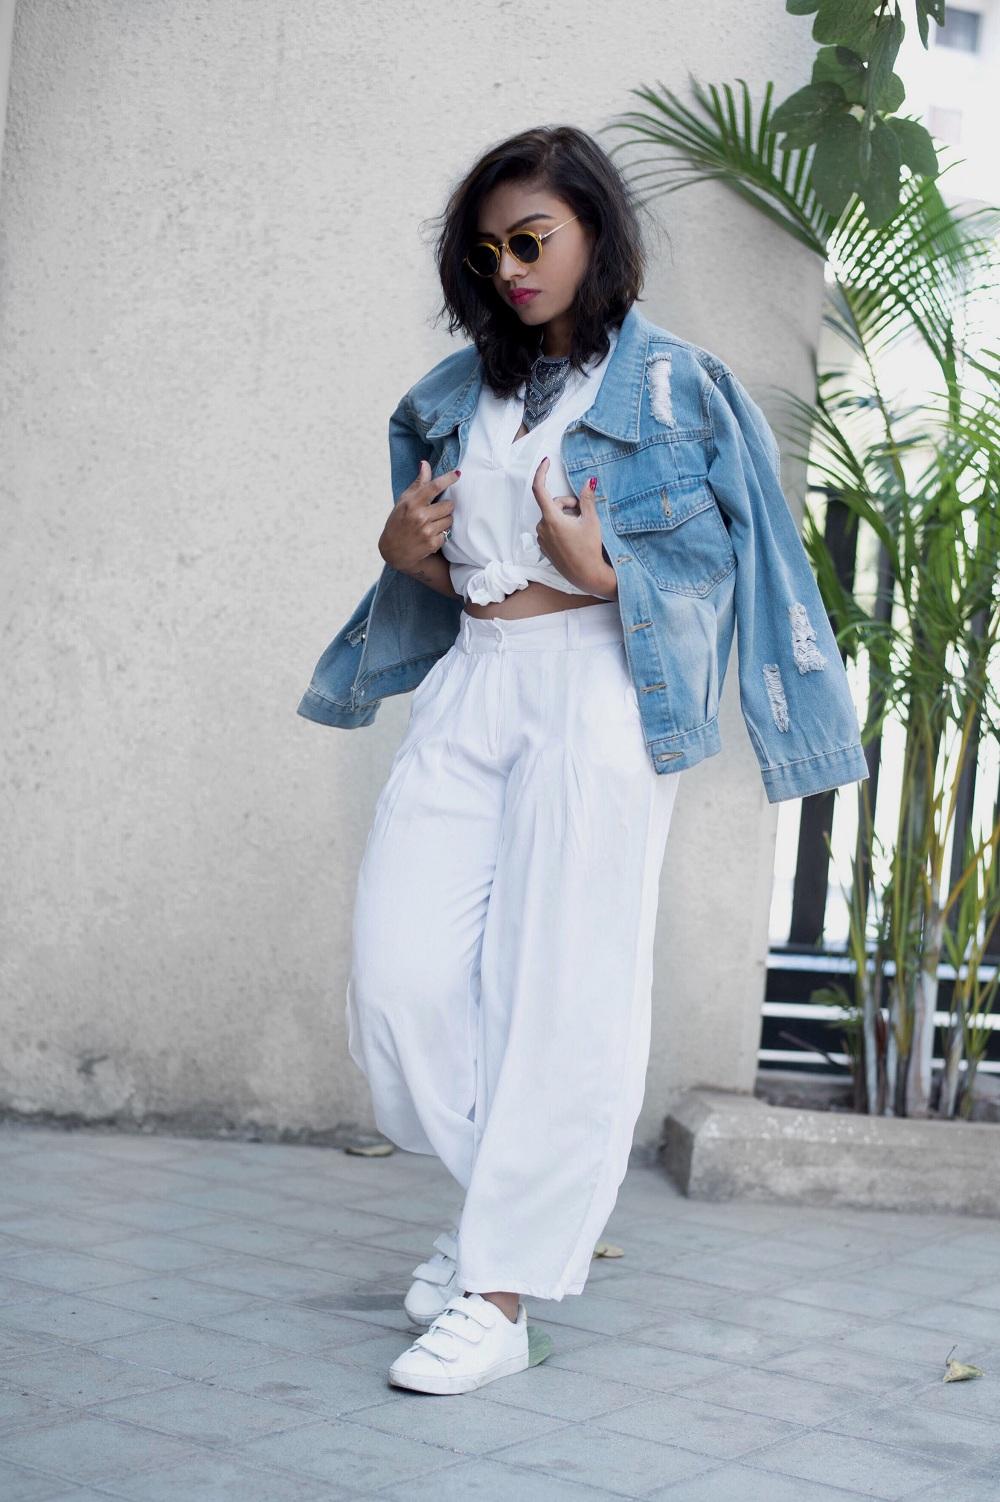 Ways To Style - White Shirt & Denim Jacket!